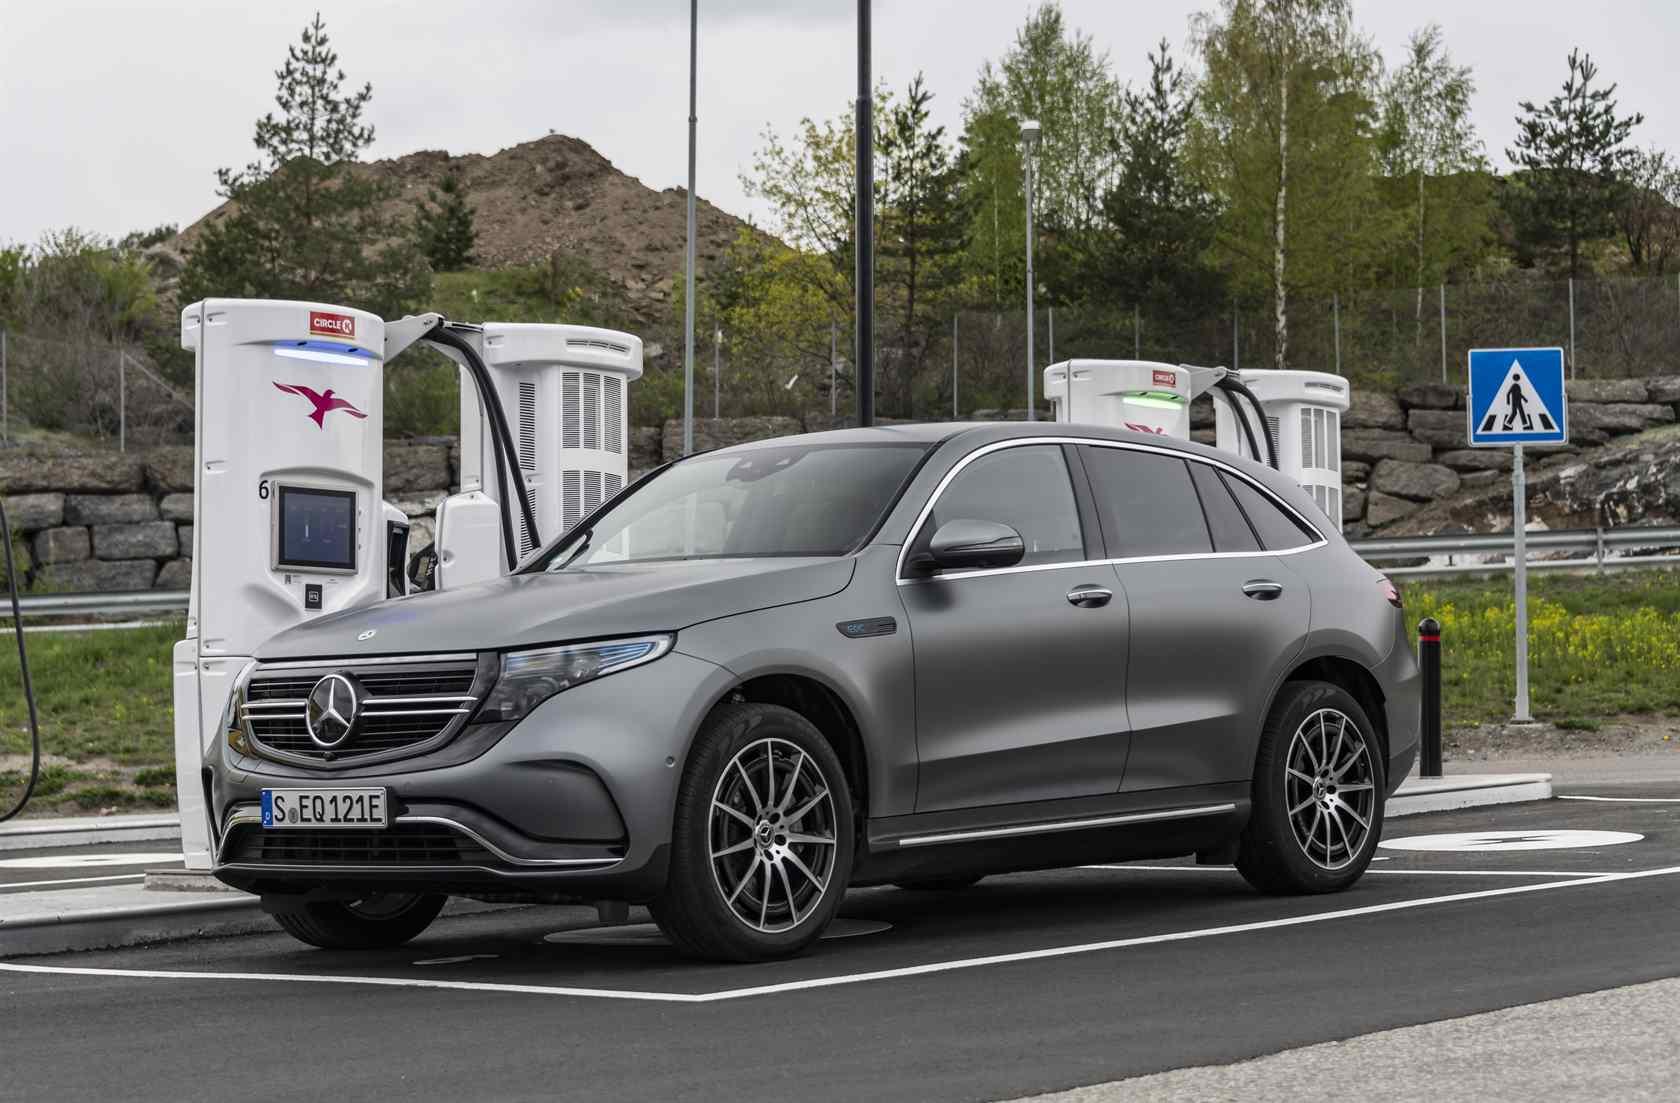 2020 Mercedes Benz Eqc Suv First Drive Luxury Ev In Motion Slashgear